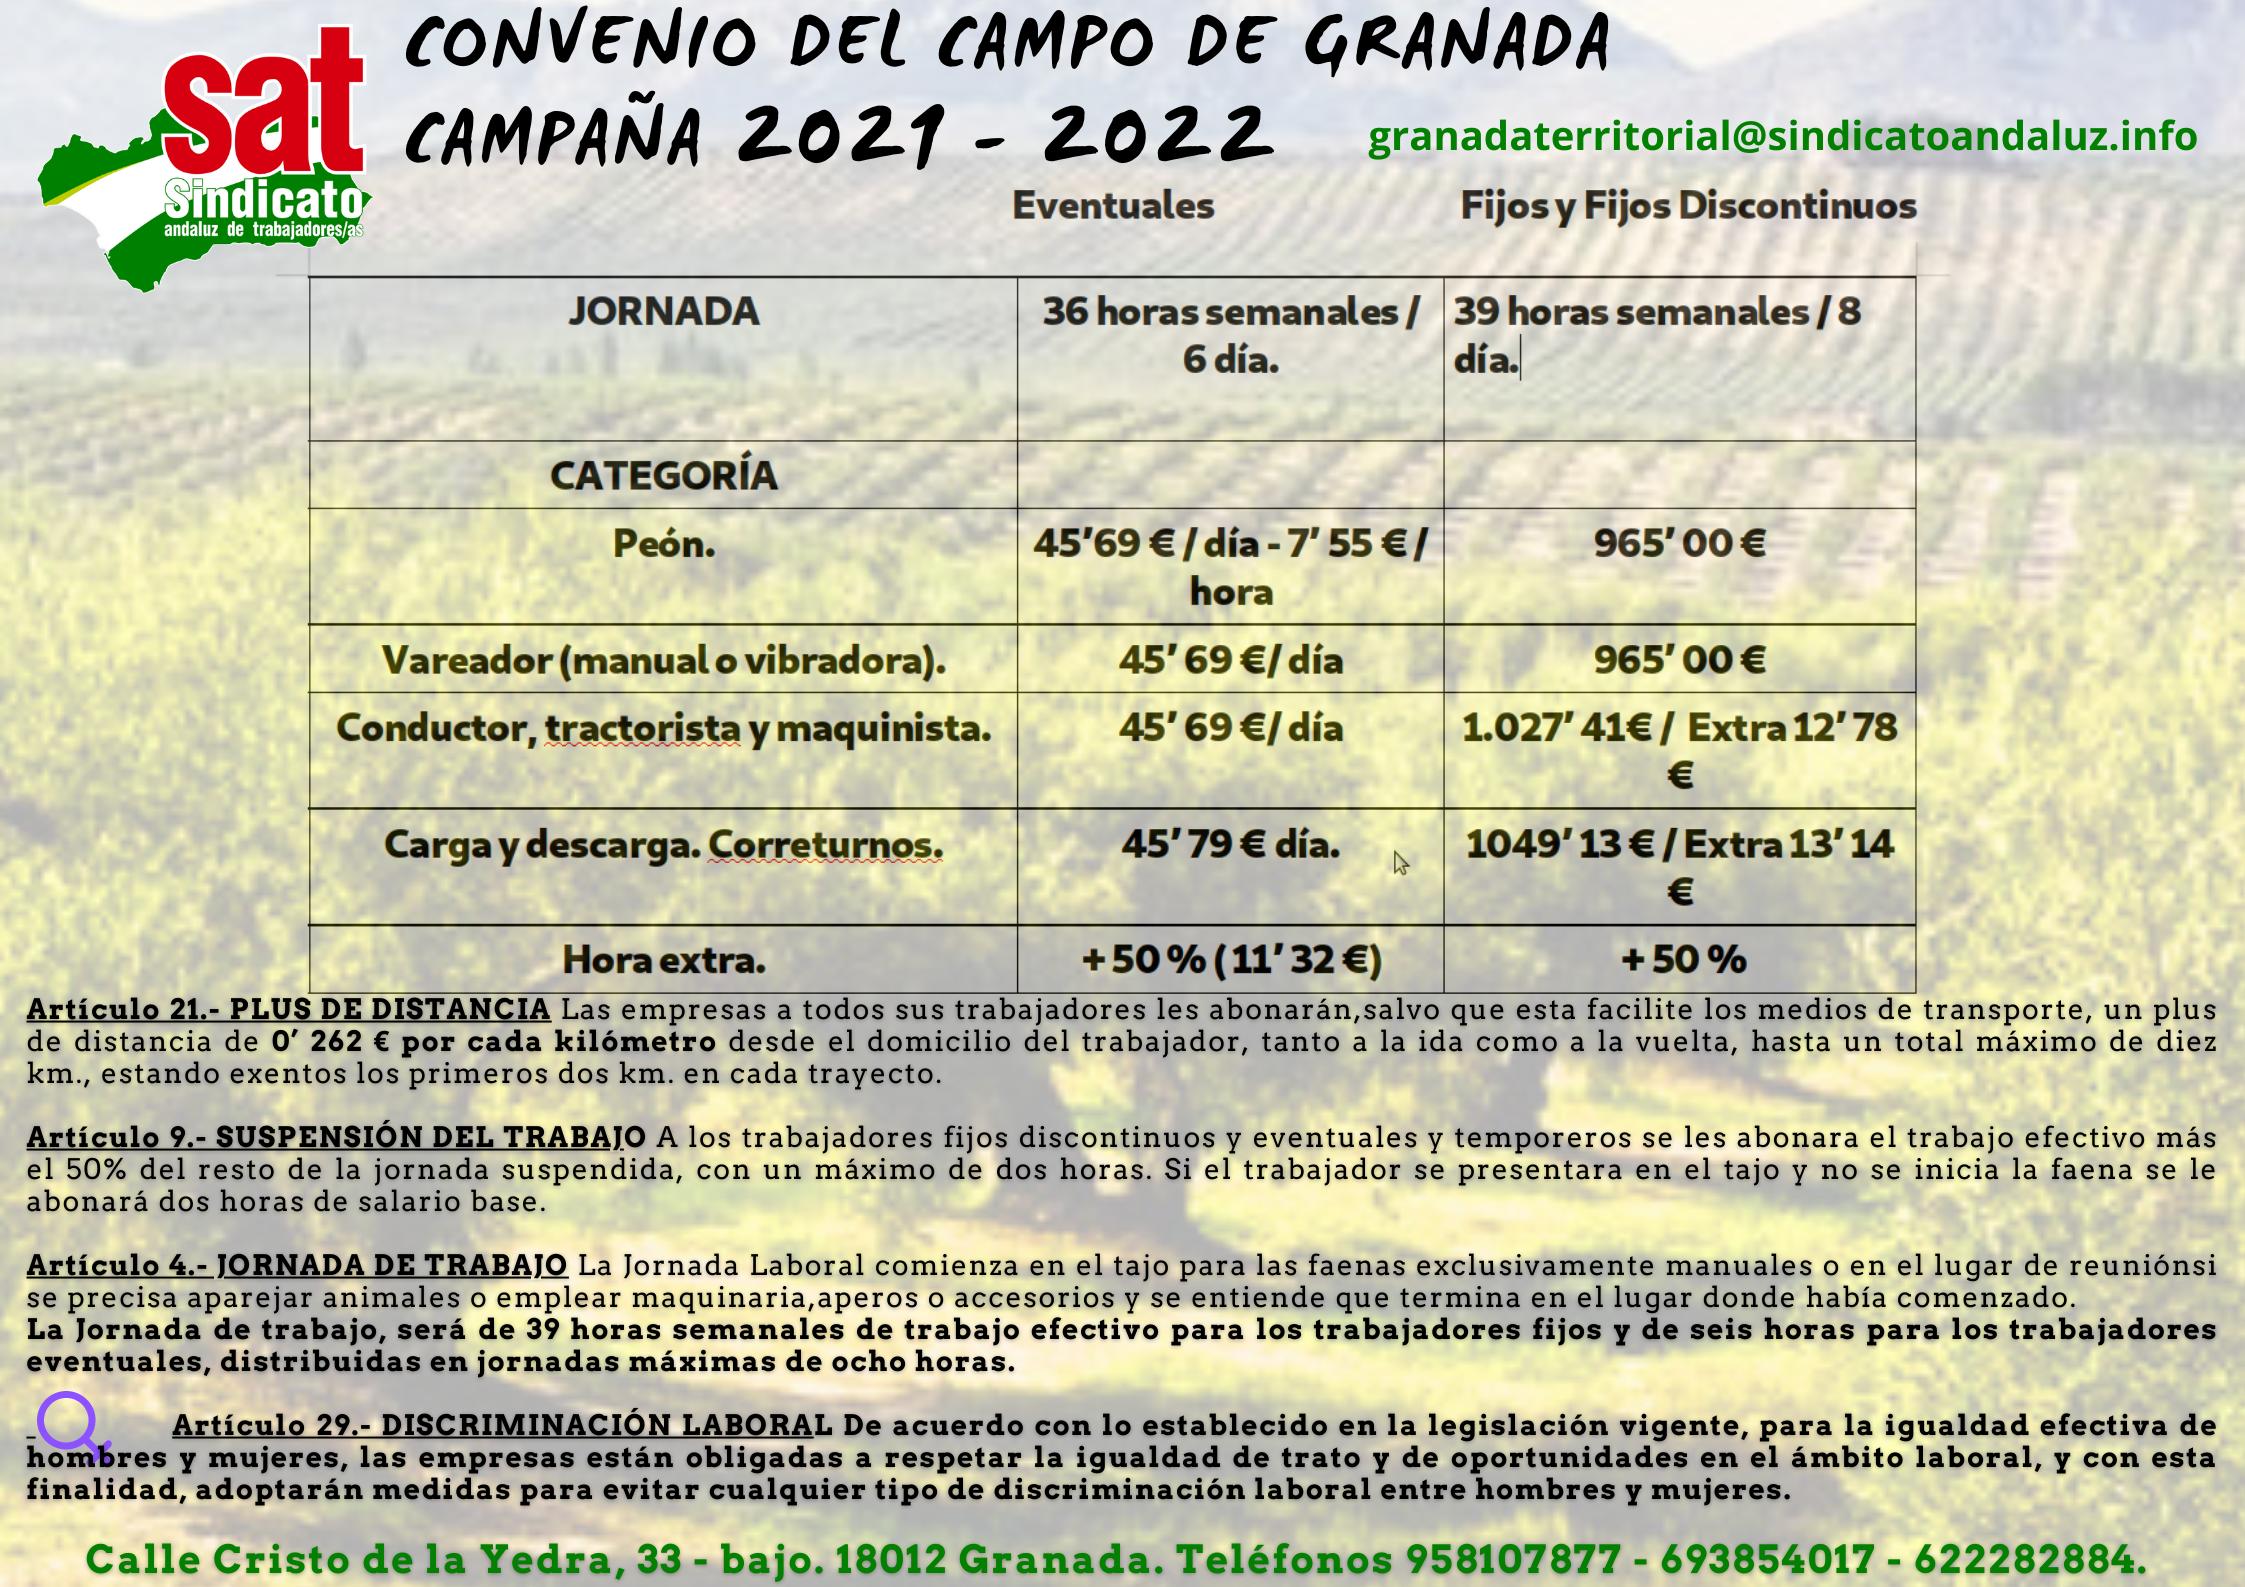 CONVENIO CAMPO 2021 - 2022 Tablas Salariales. (Póster (horizontal))